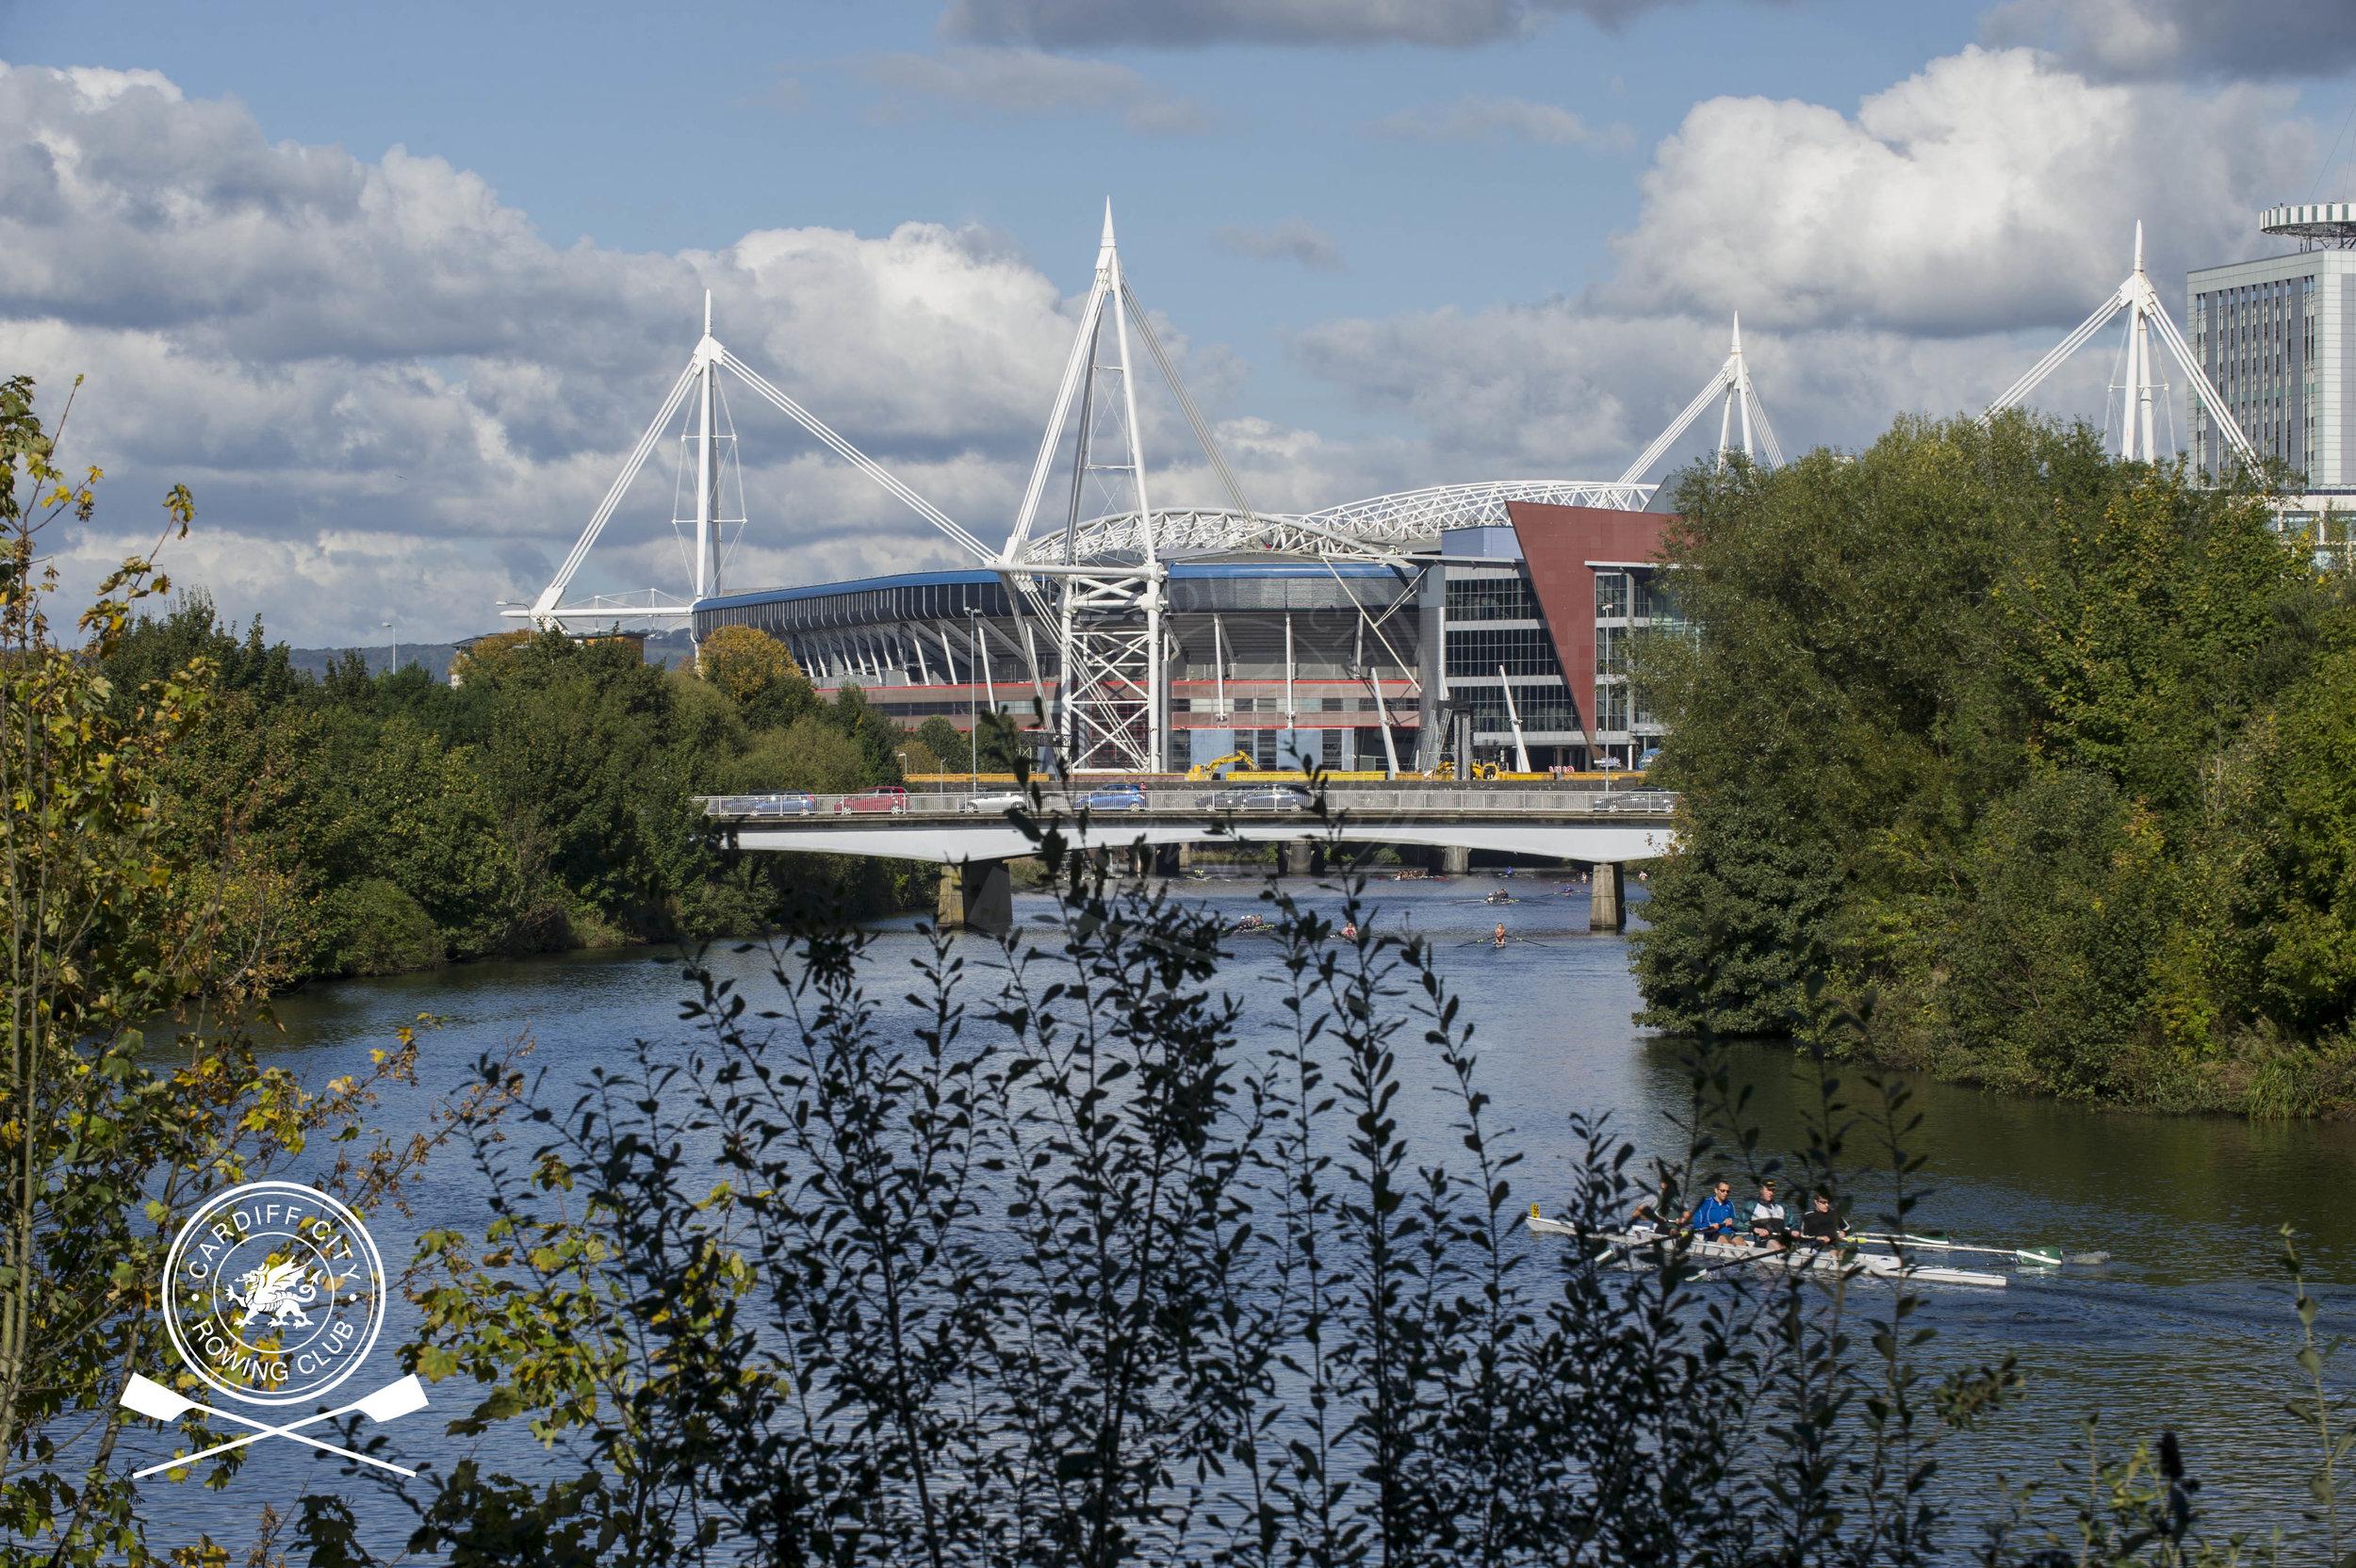 Cardiff_City_Head_Race_185.jpg